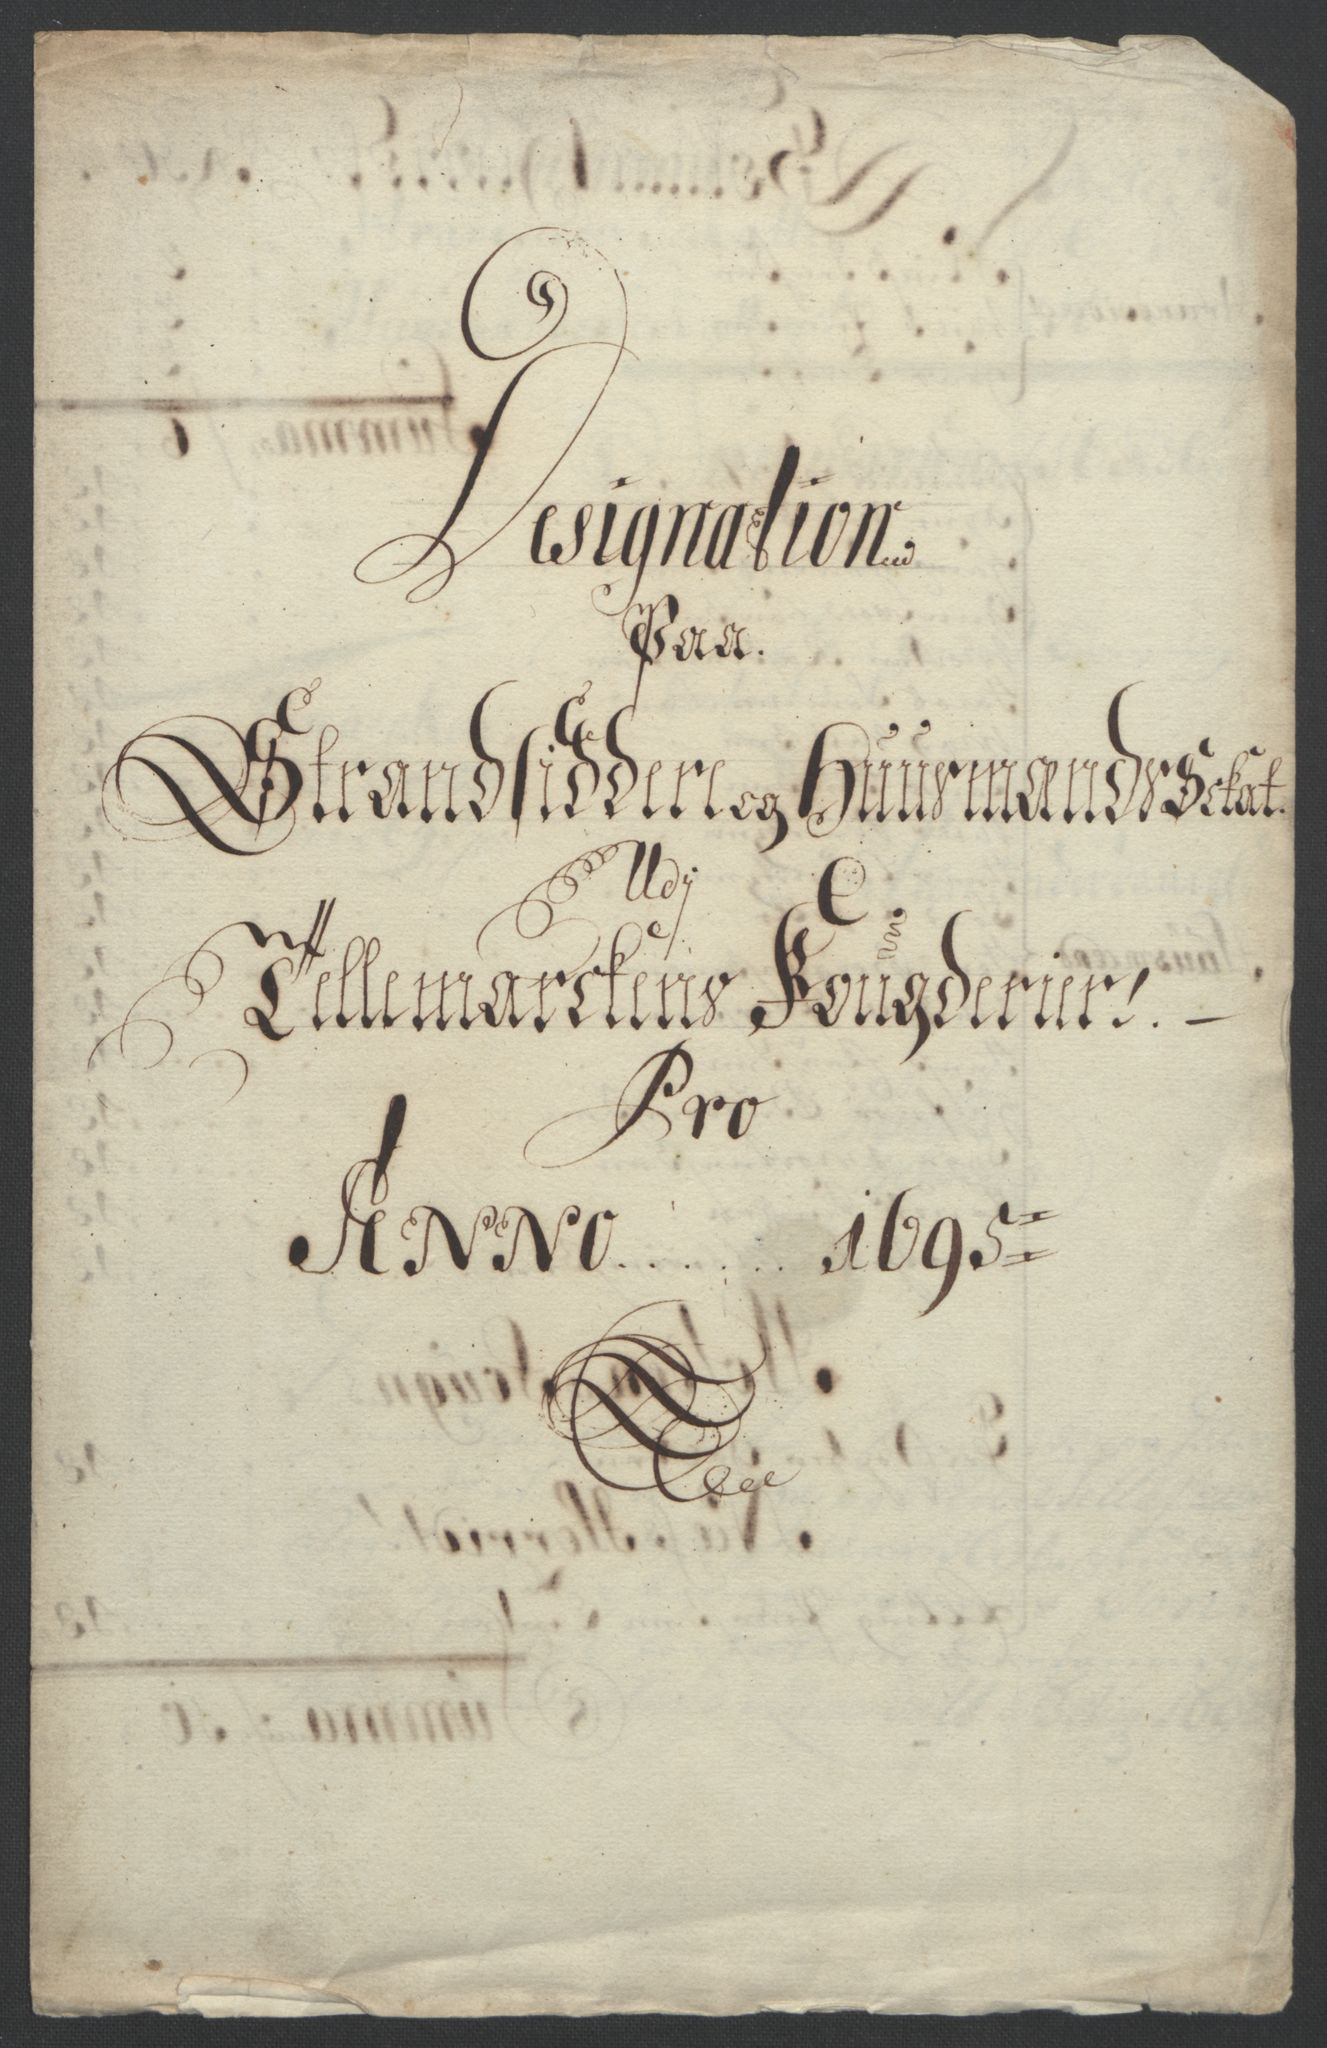 RA, Rentekammeret inntil 1814, Reviderte regnskaper, Fogderegnskap, R36/L2093: Fogderegnskap Øvre og Nedre Telemark og Bamble, 1695, s. 295